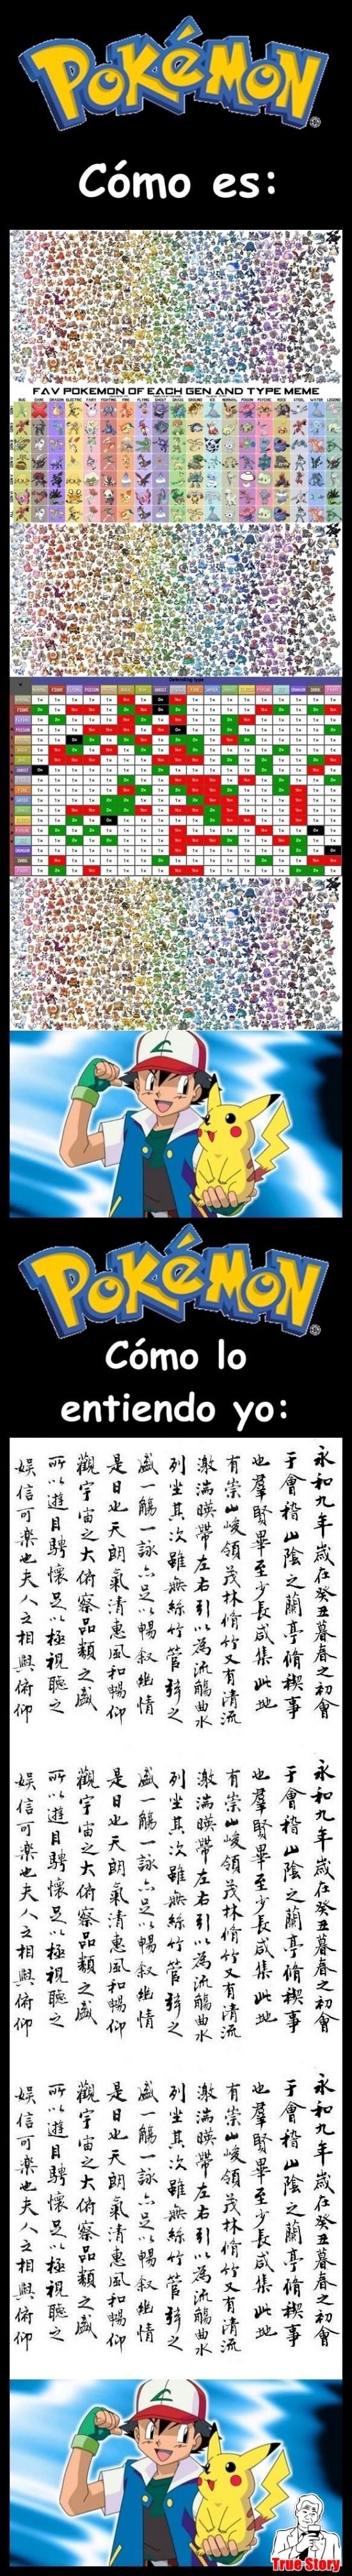 pokemon como es